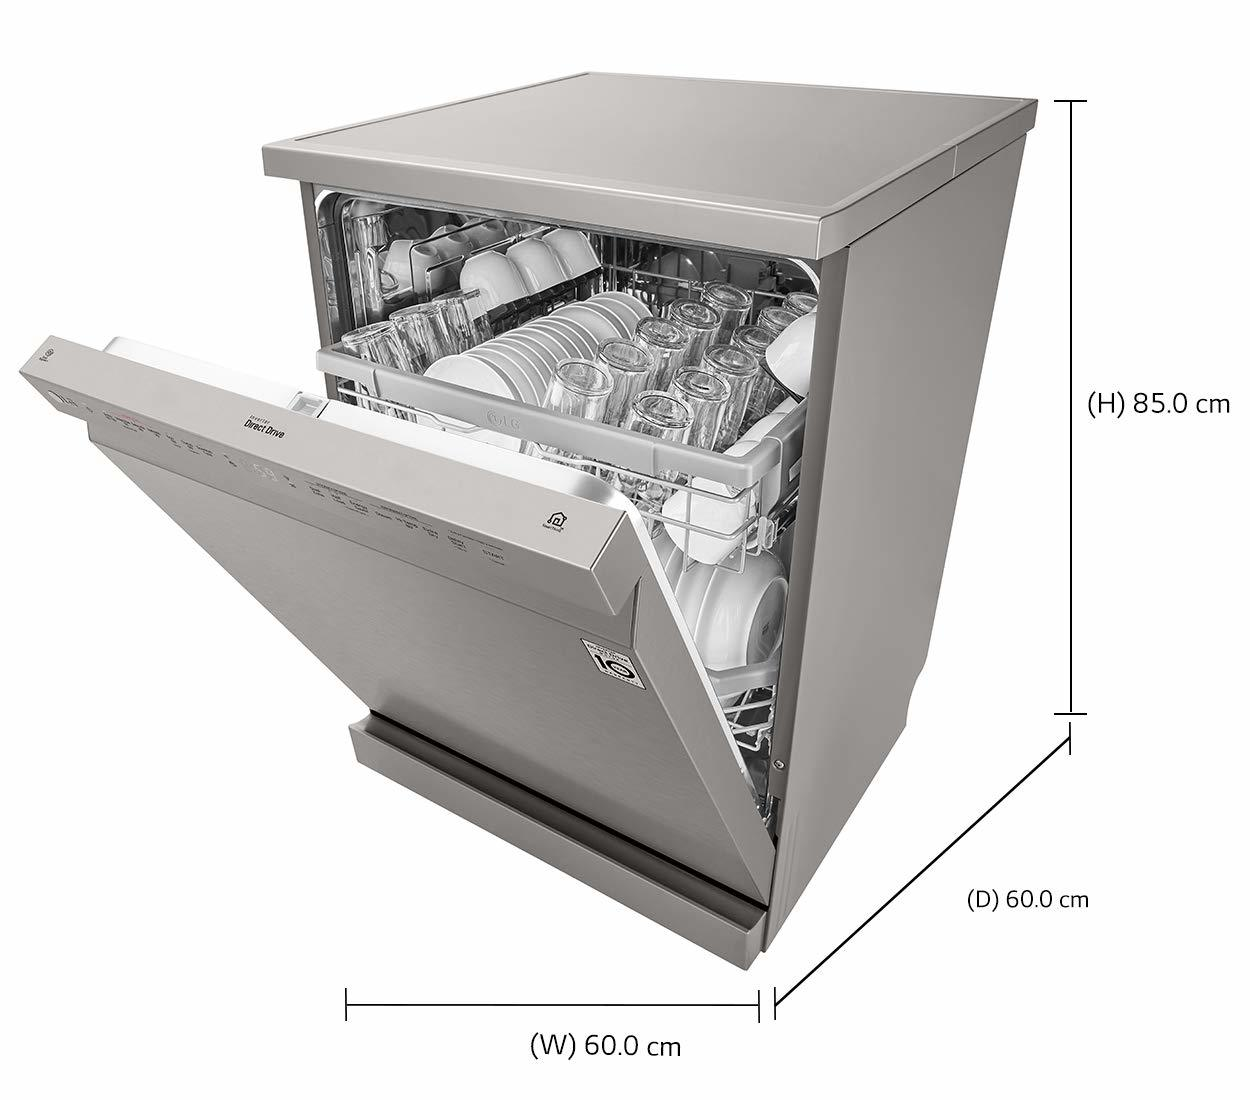 LG 14 Place Settings Dishwasher (DFB424FP, Platinum Silver)